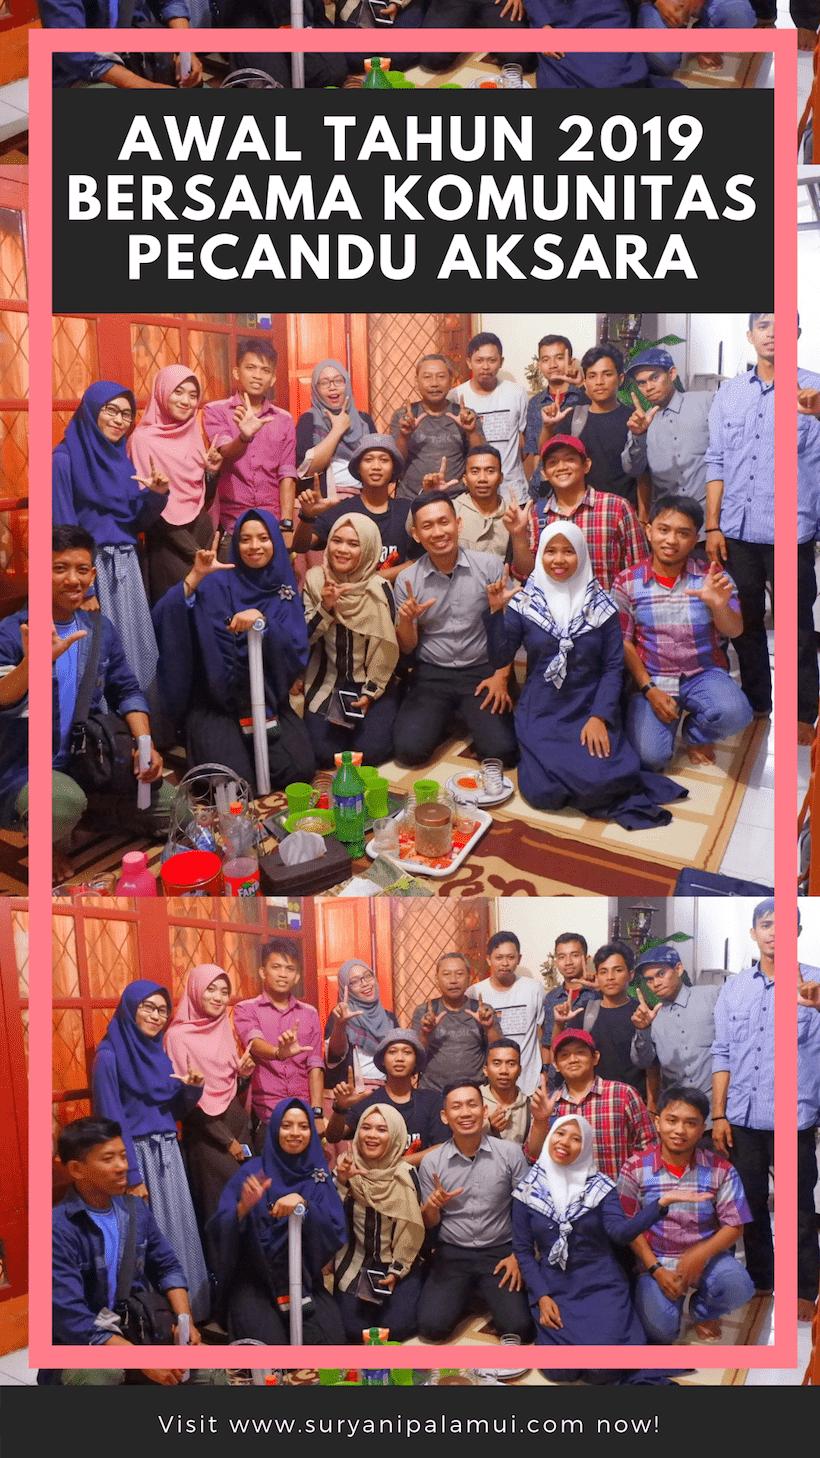 Awal Tahun 2019 Bersama Komunitas Pecandu Aksara